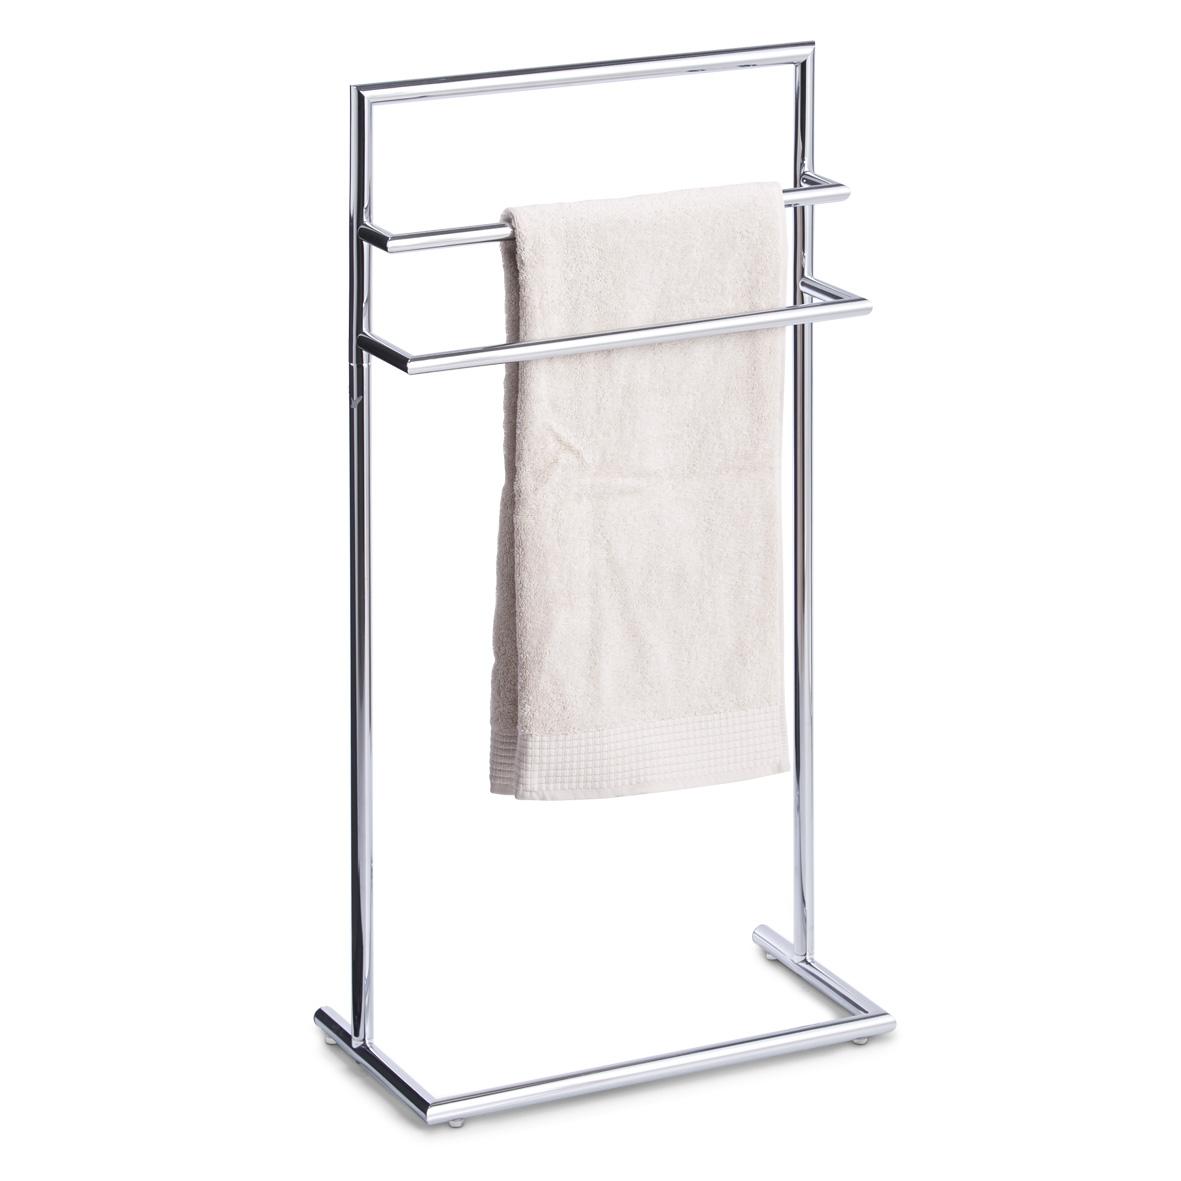 Suport pentru prosoape de baie, Metal Cromat, l43,5xA23xH83 cm imagine